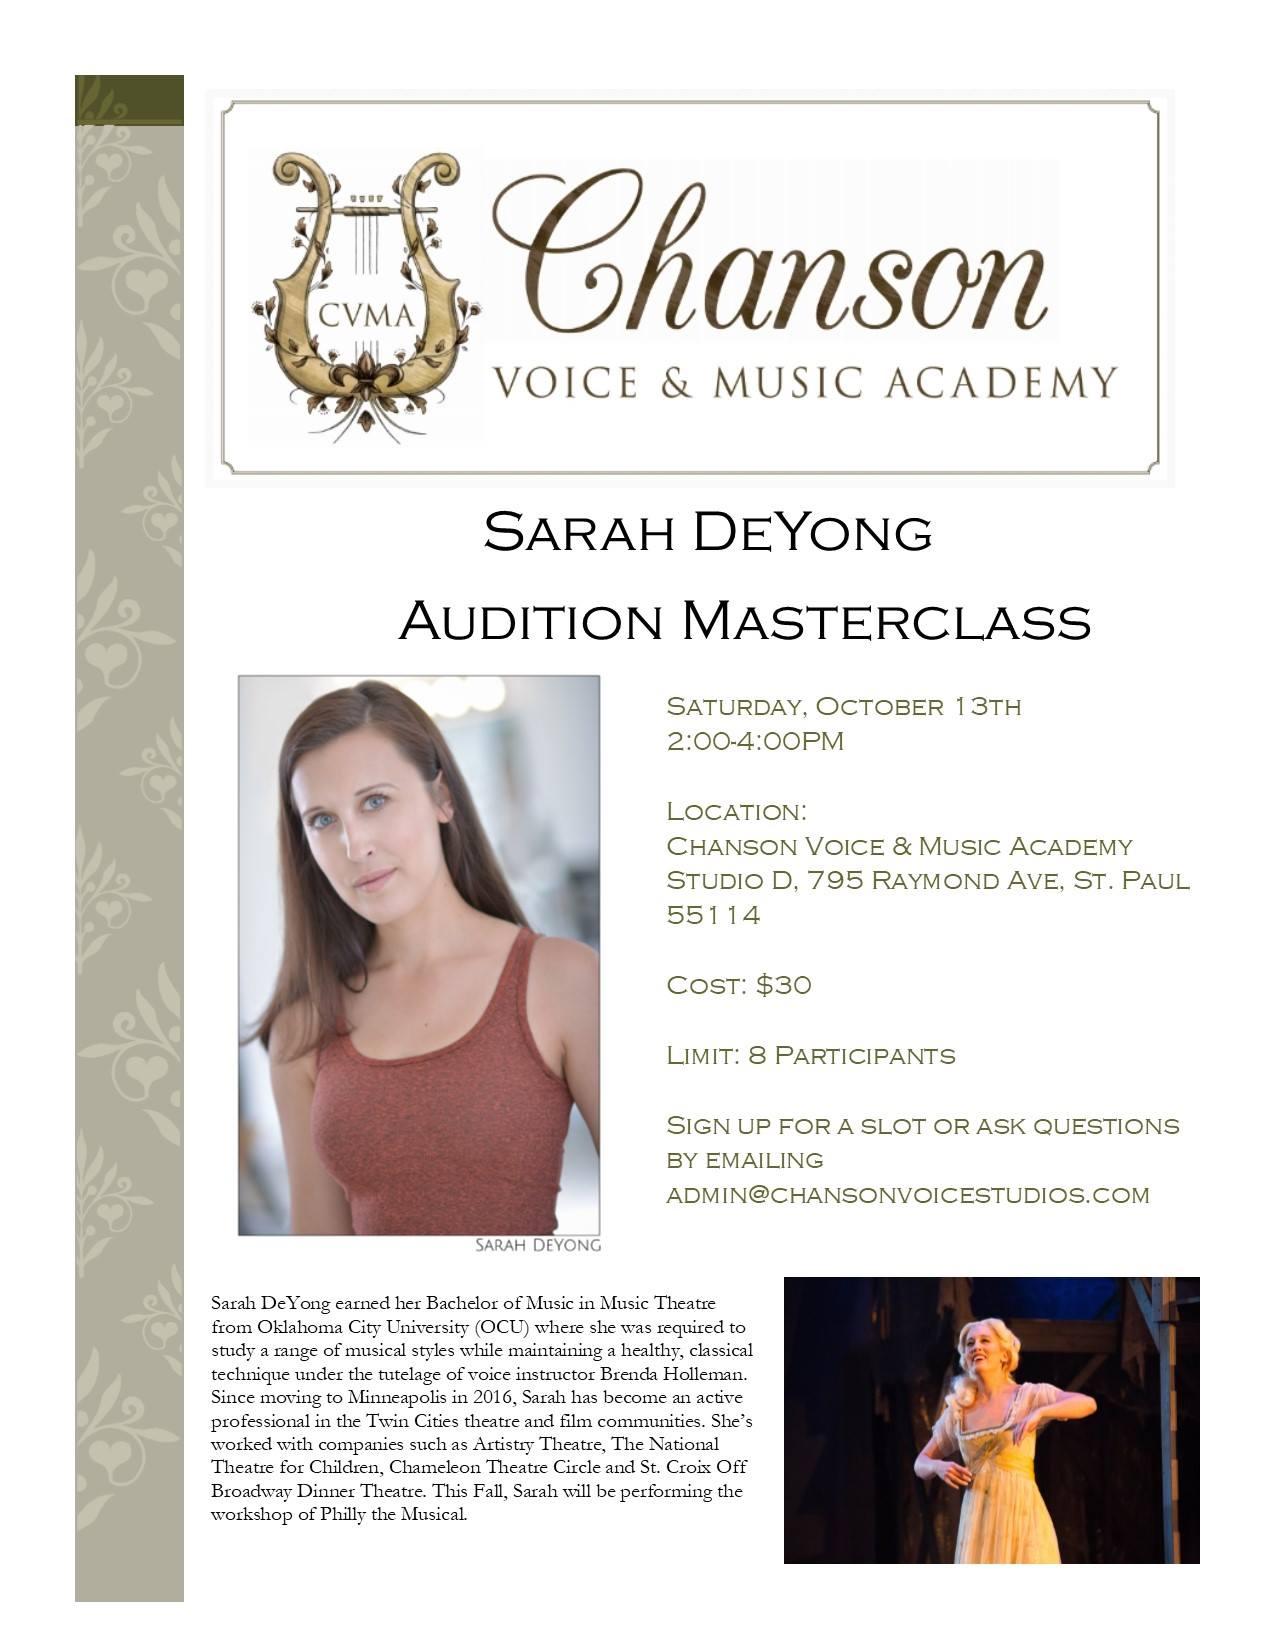 Sarah DeYong Audition Masterclass